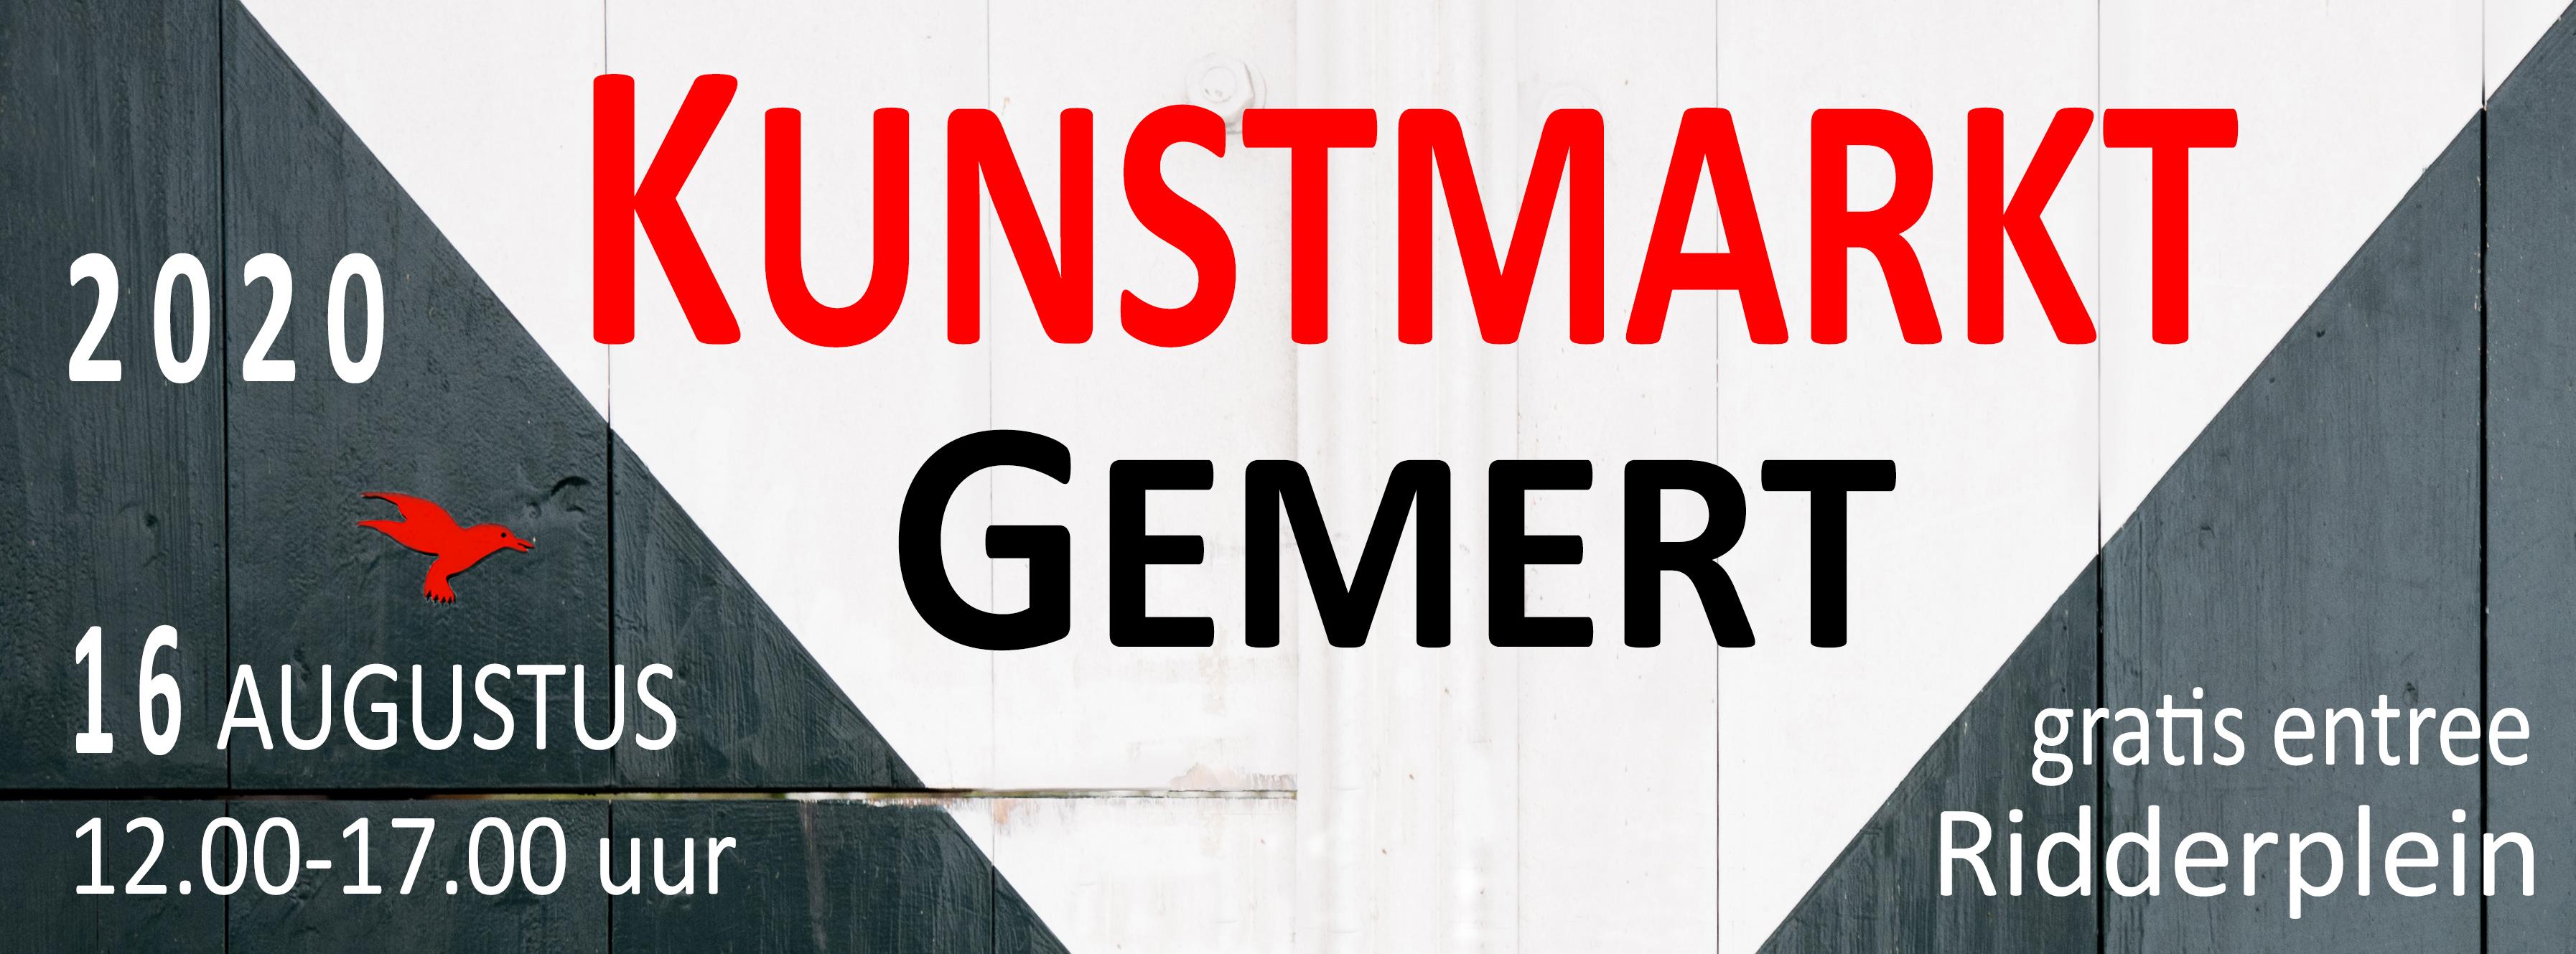 banner Gemert